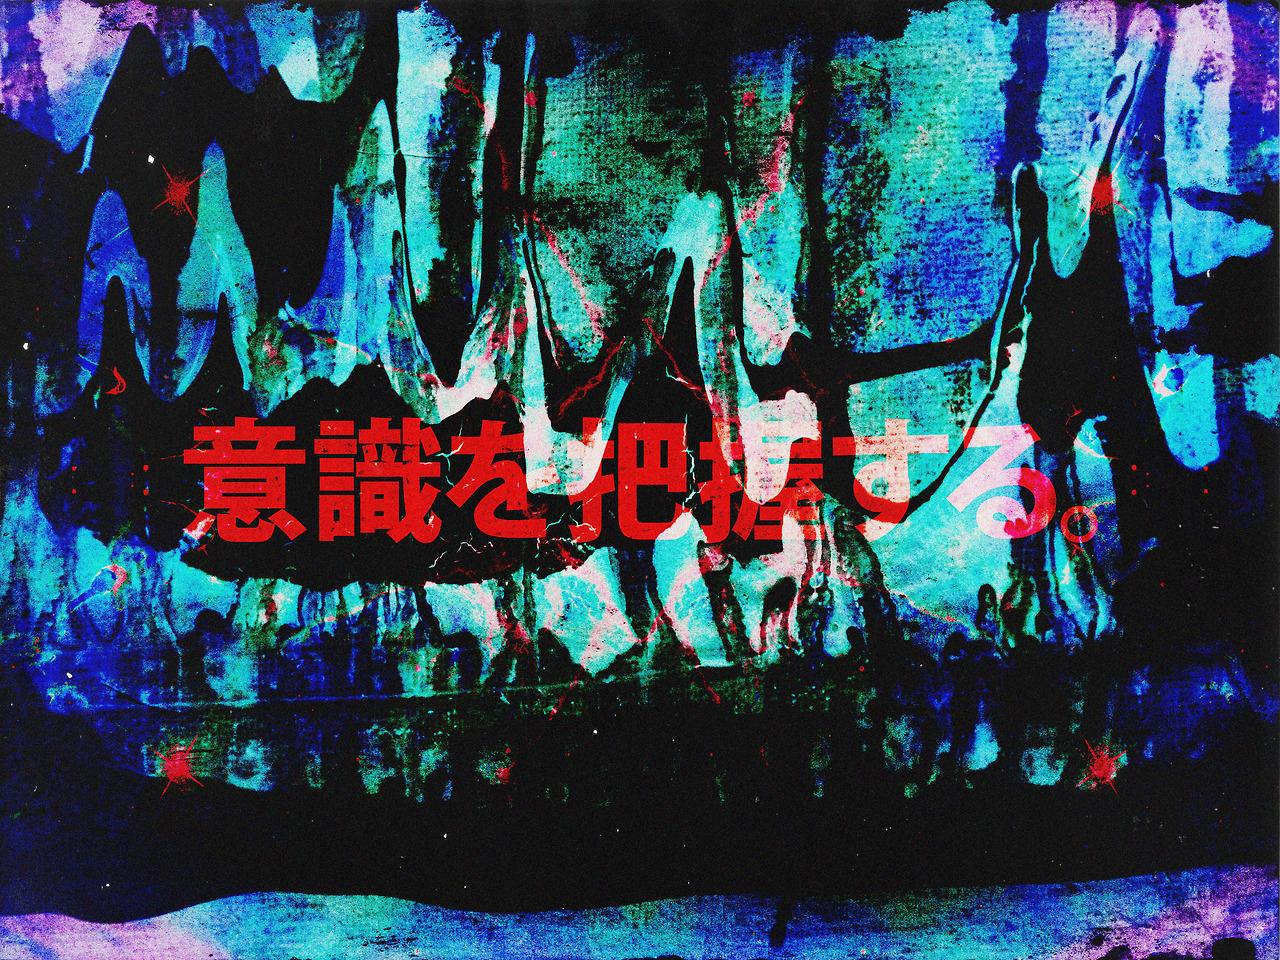 tumblr_mke9vnwukq1qeprweo1_1280.jpg